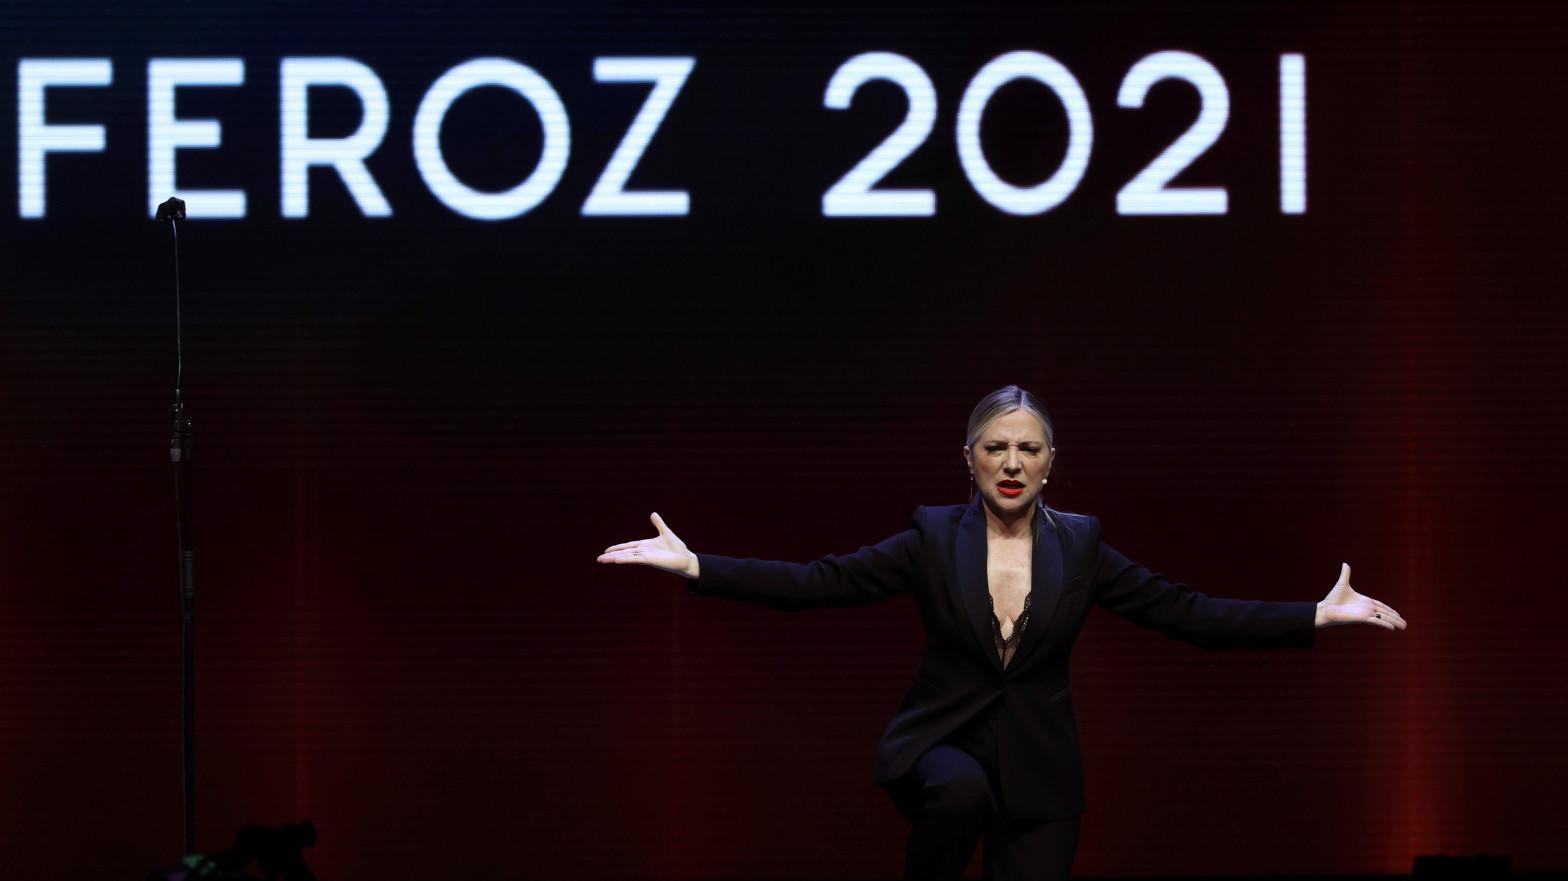 """Críticas en Twitter después de que los Feroz se saltasen el toque de queda: """"Van a dormir en el teatro"""""""